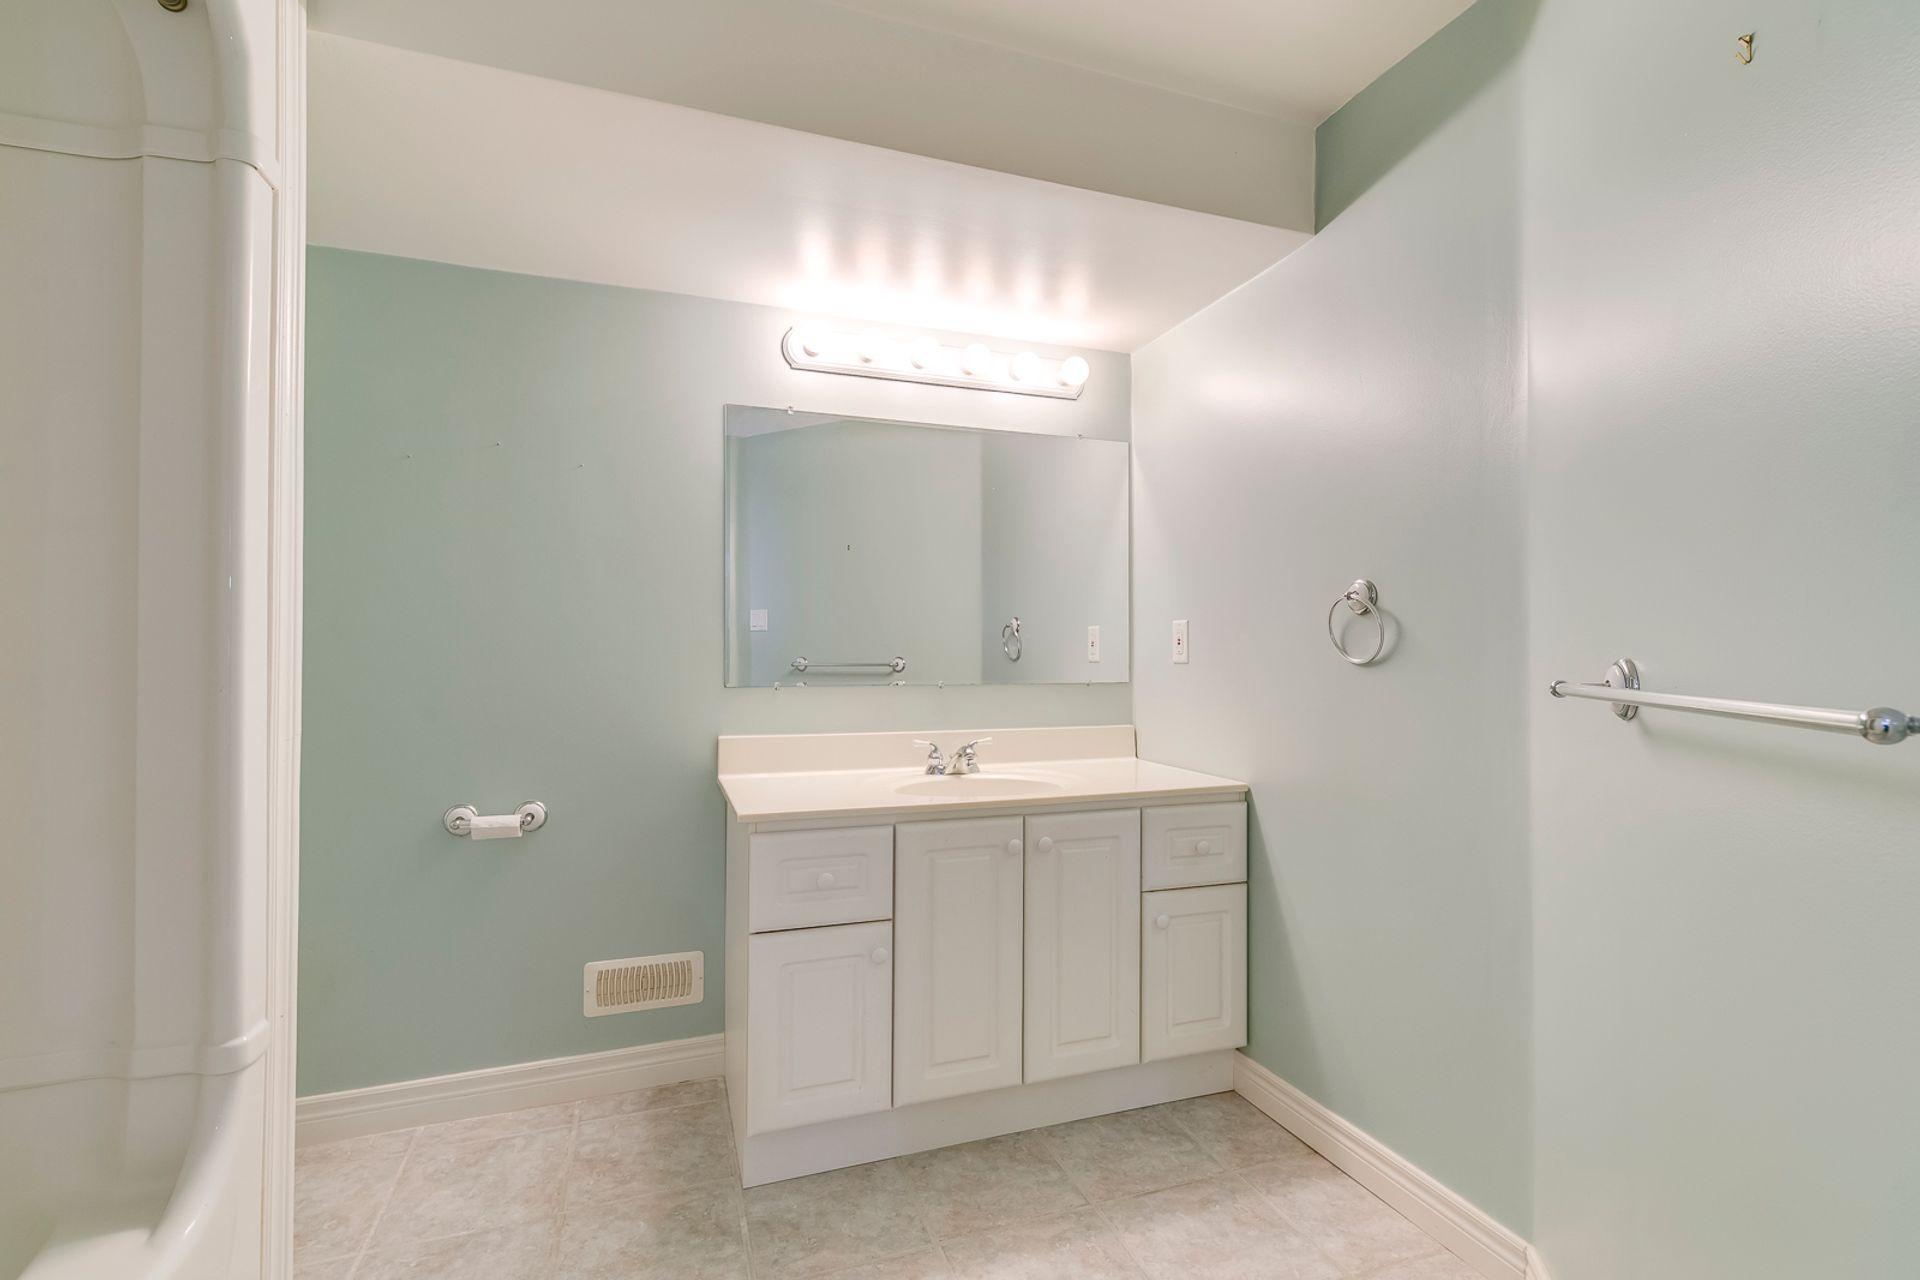 Basement Bathroom - 2791 Mahogany Lane, Oakville - Elite3 & Team at 2791 Mahogany Lane, Clearview, Oakville